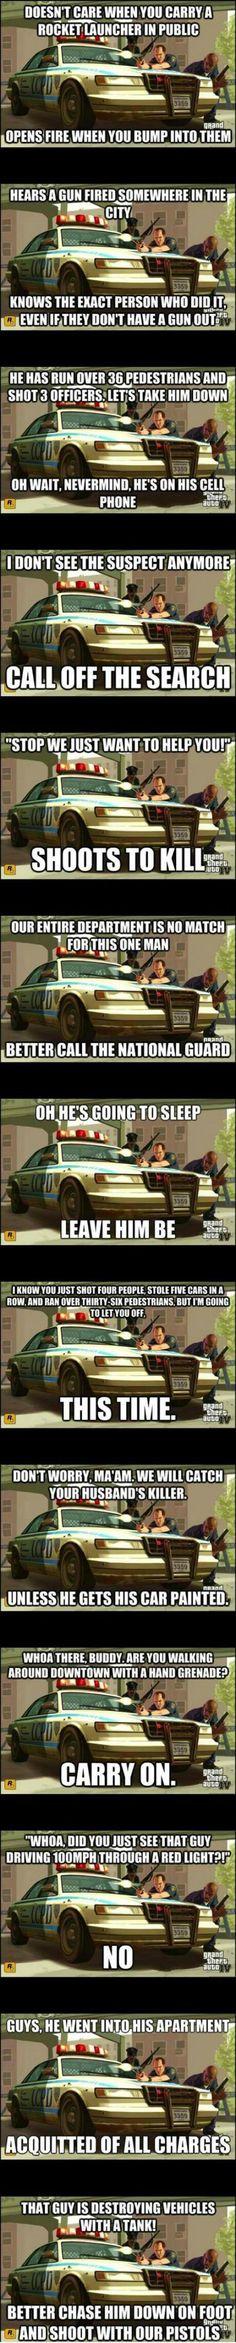 GTA IV Logic